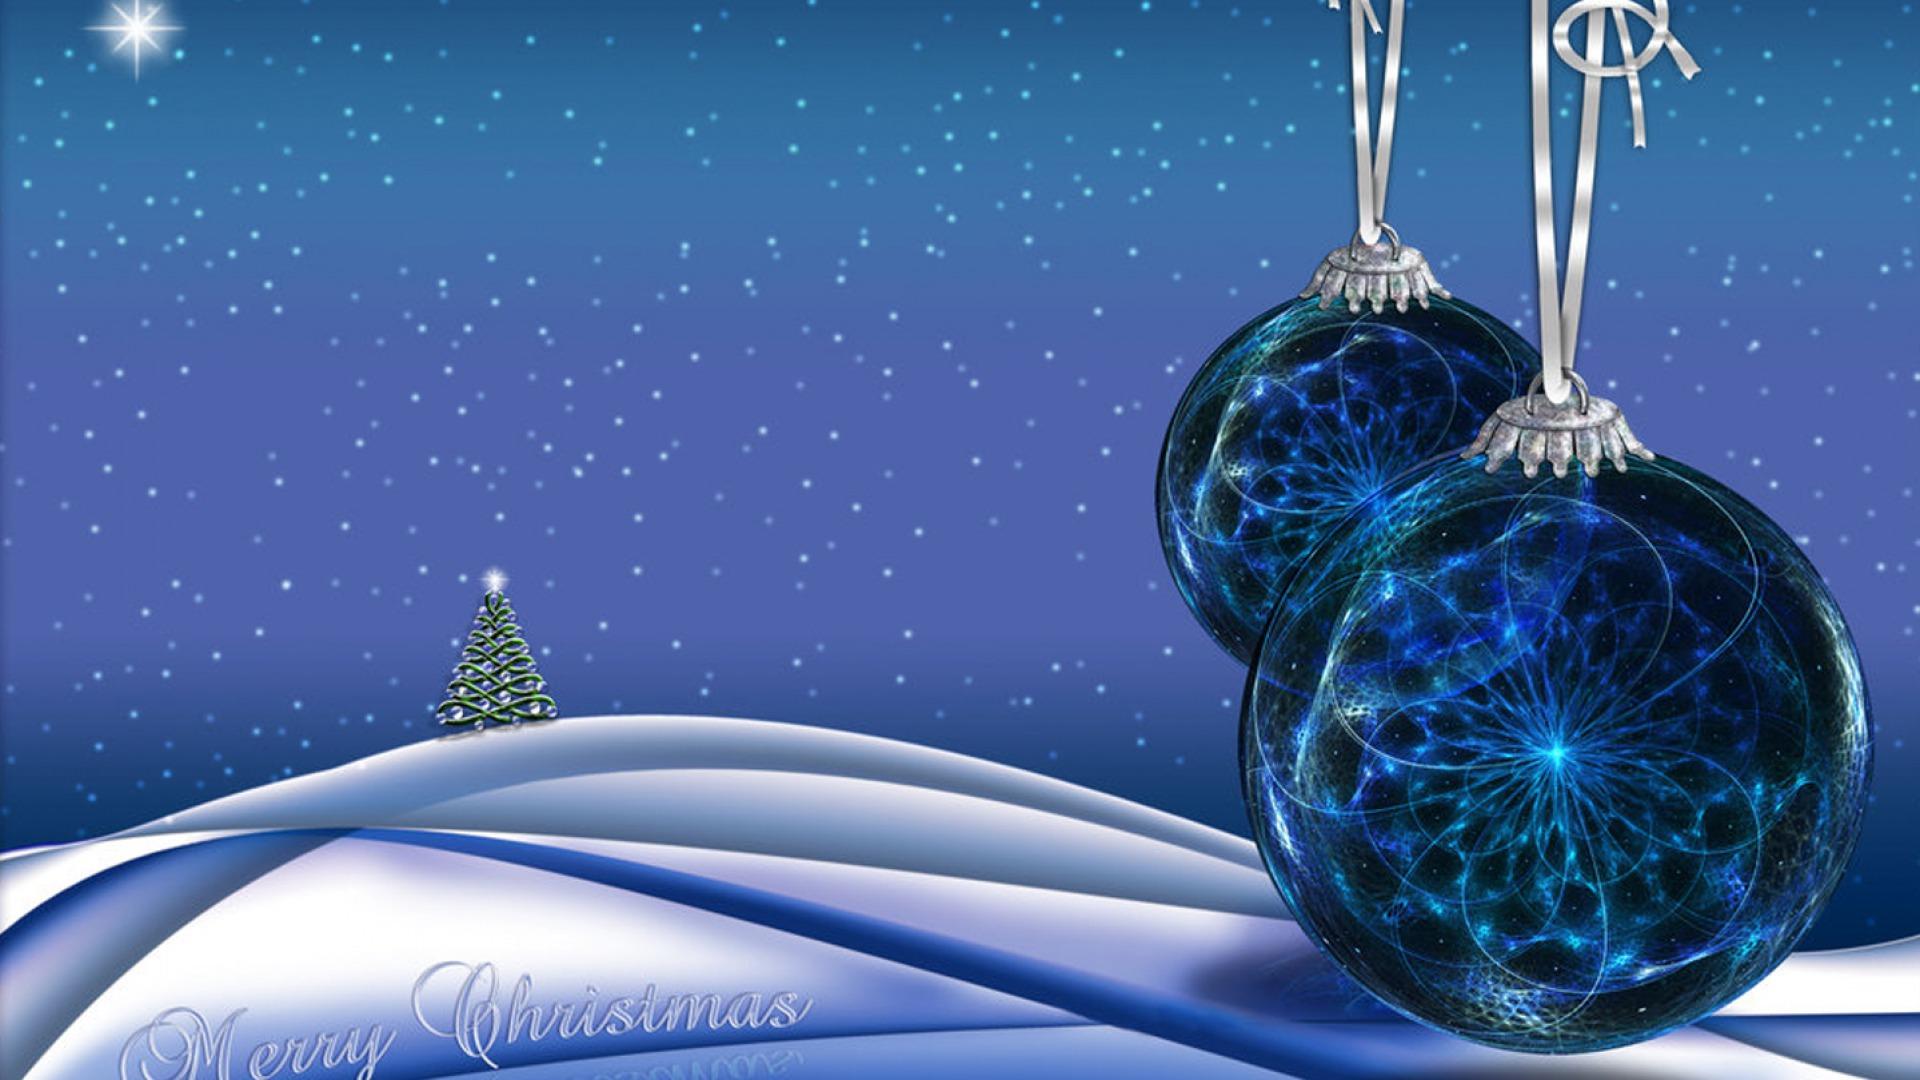 Bộ Sưu Tập Ảnh Giáng Sinh - Page 3 Bluechristmas150